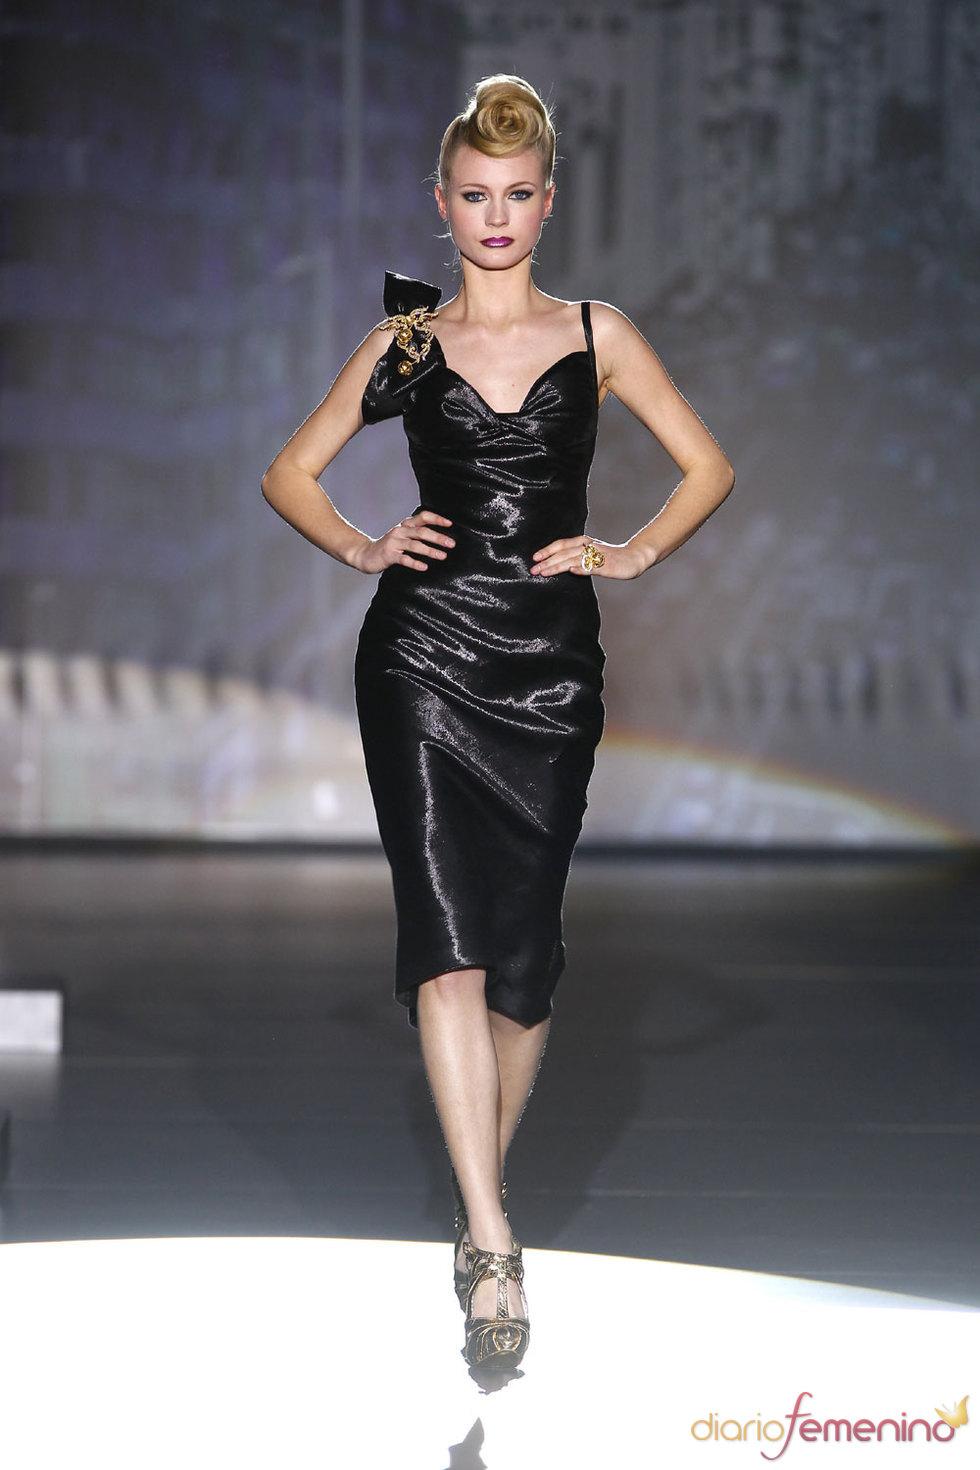 Colección 2010 Hannibal Laguna - Cibeles Fashion Week